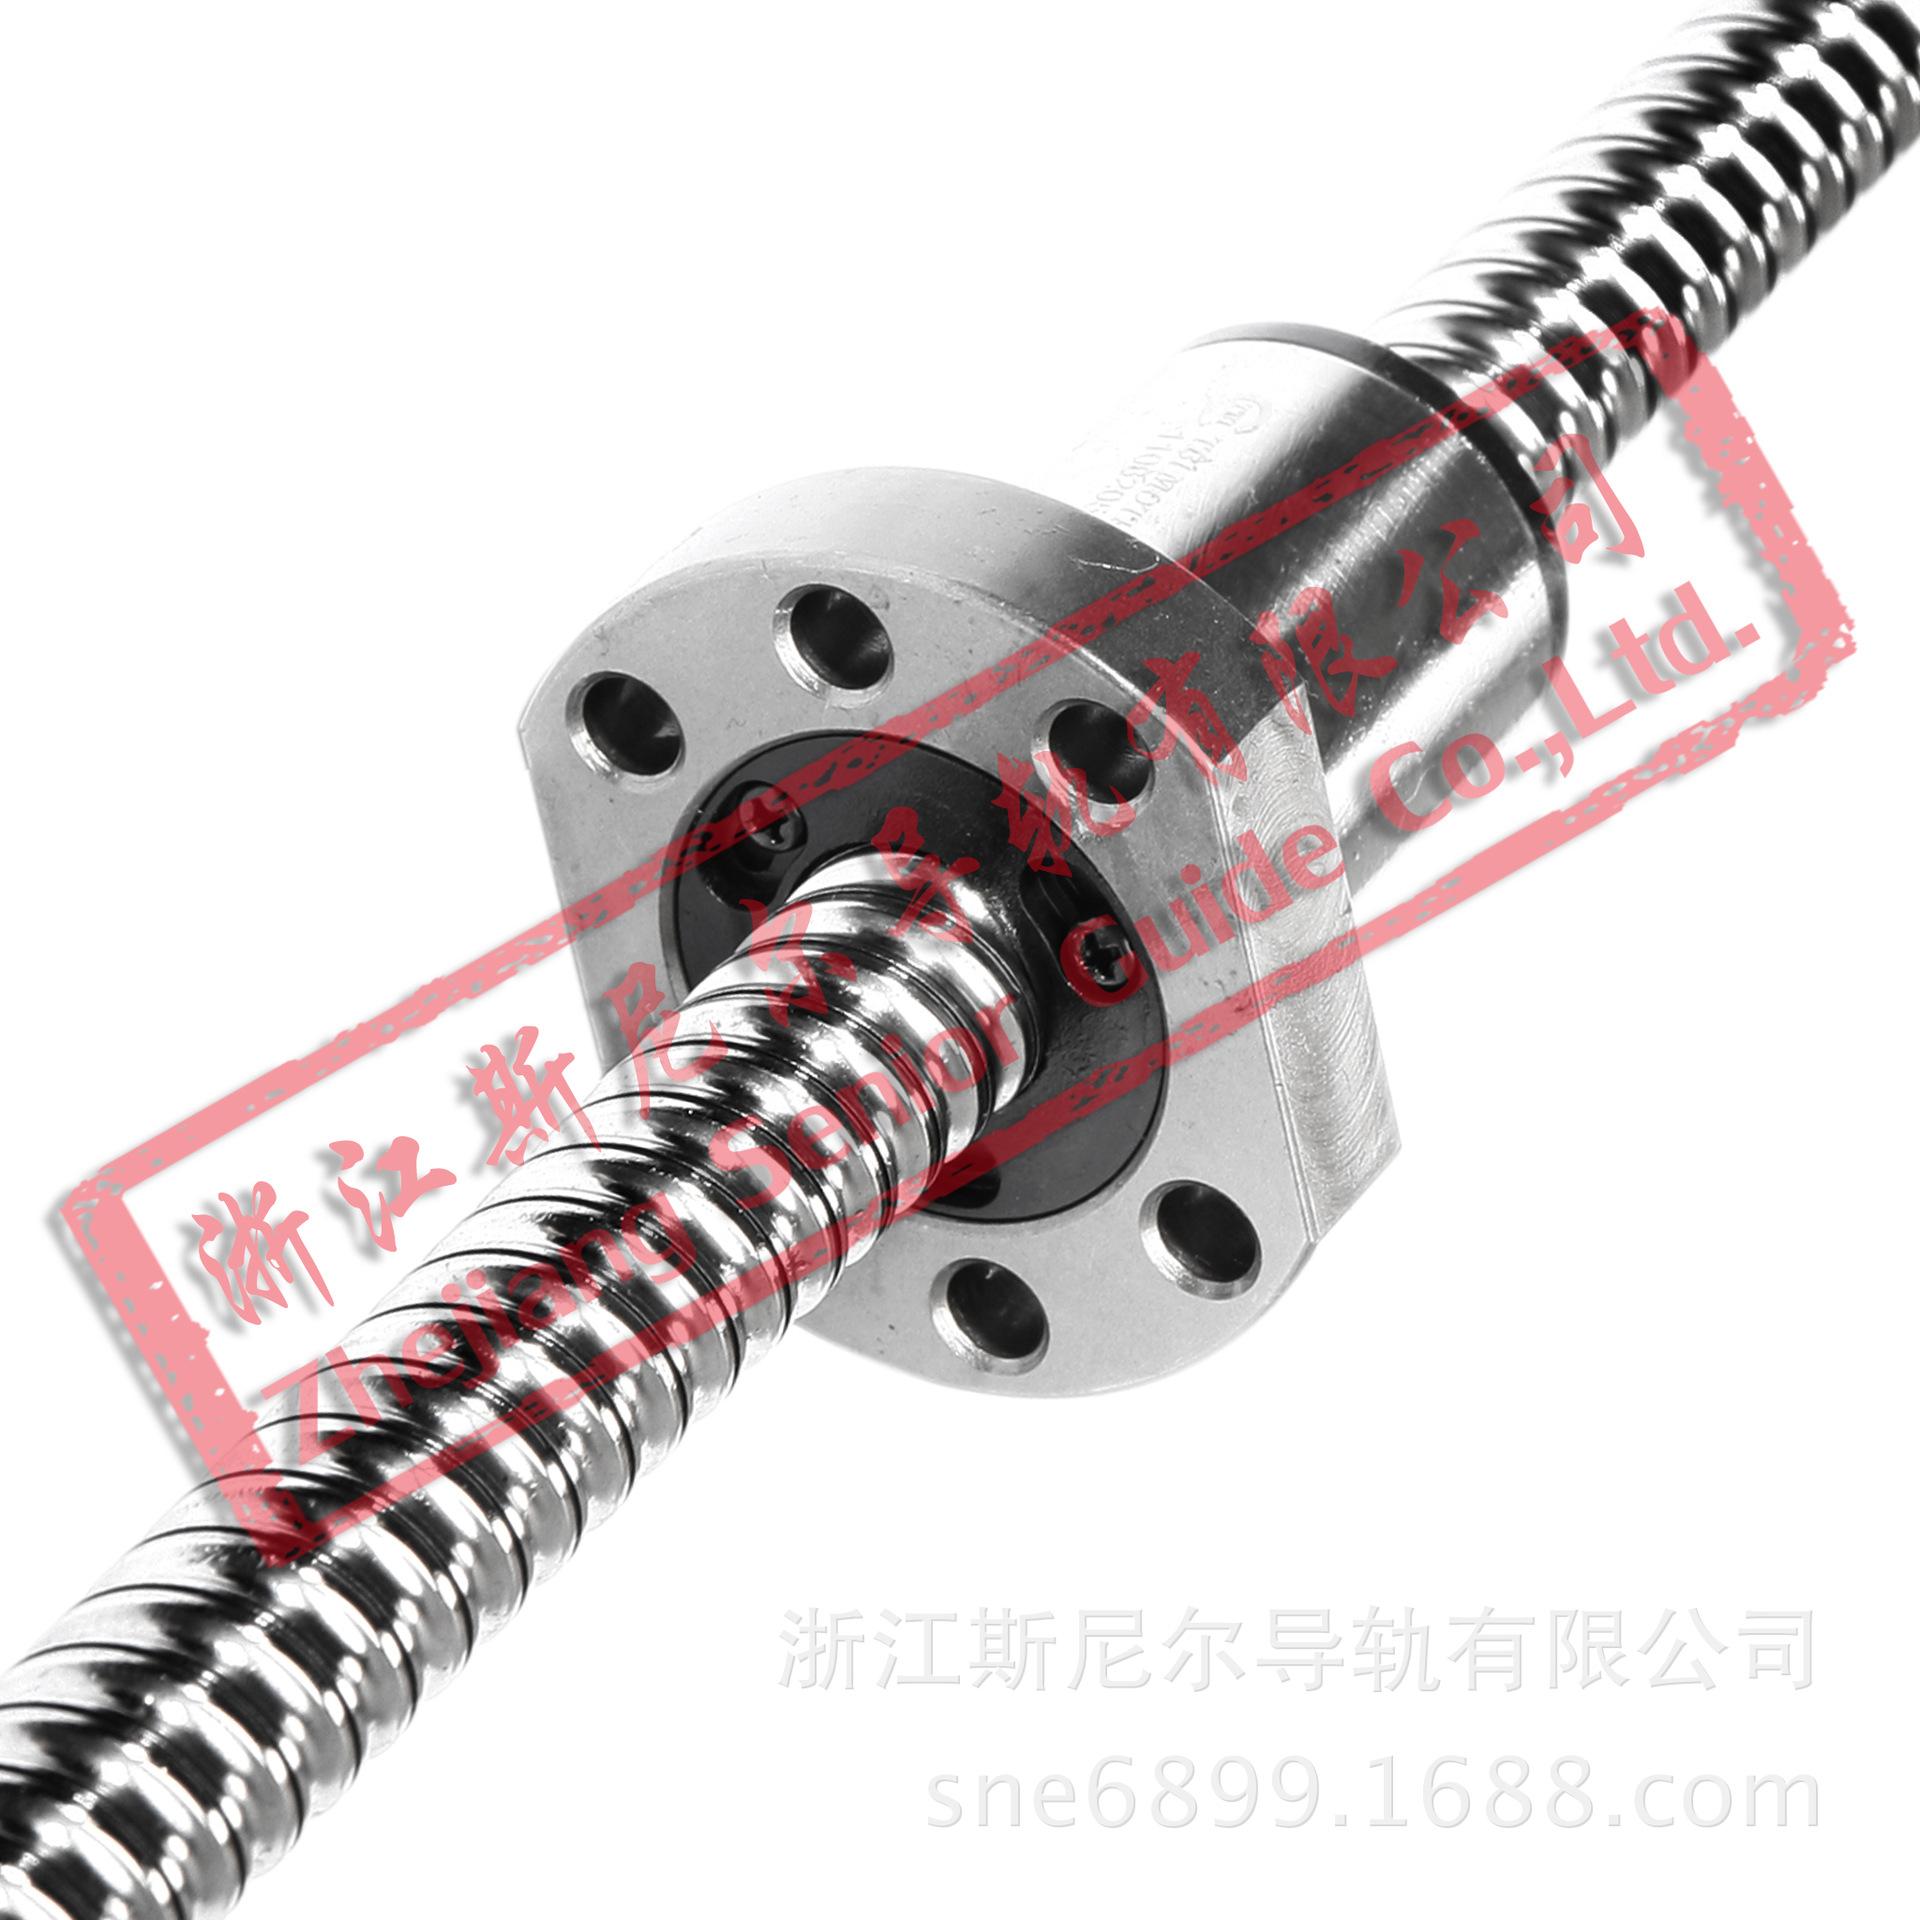 滚珠丝杆副 SFS 1610 TBI 高速静音 滚珠丝杠 滚珠螺母 生产厂家